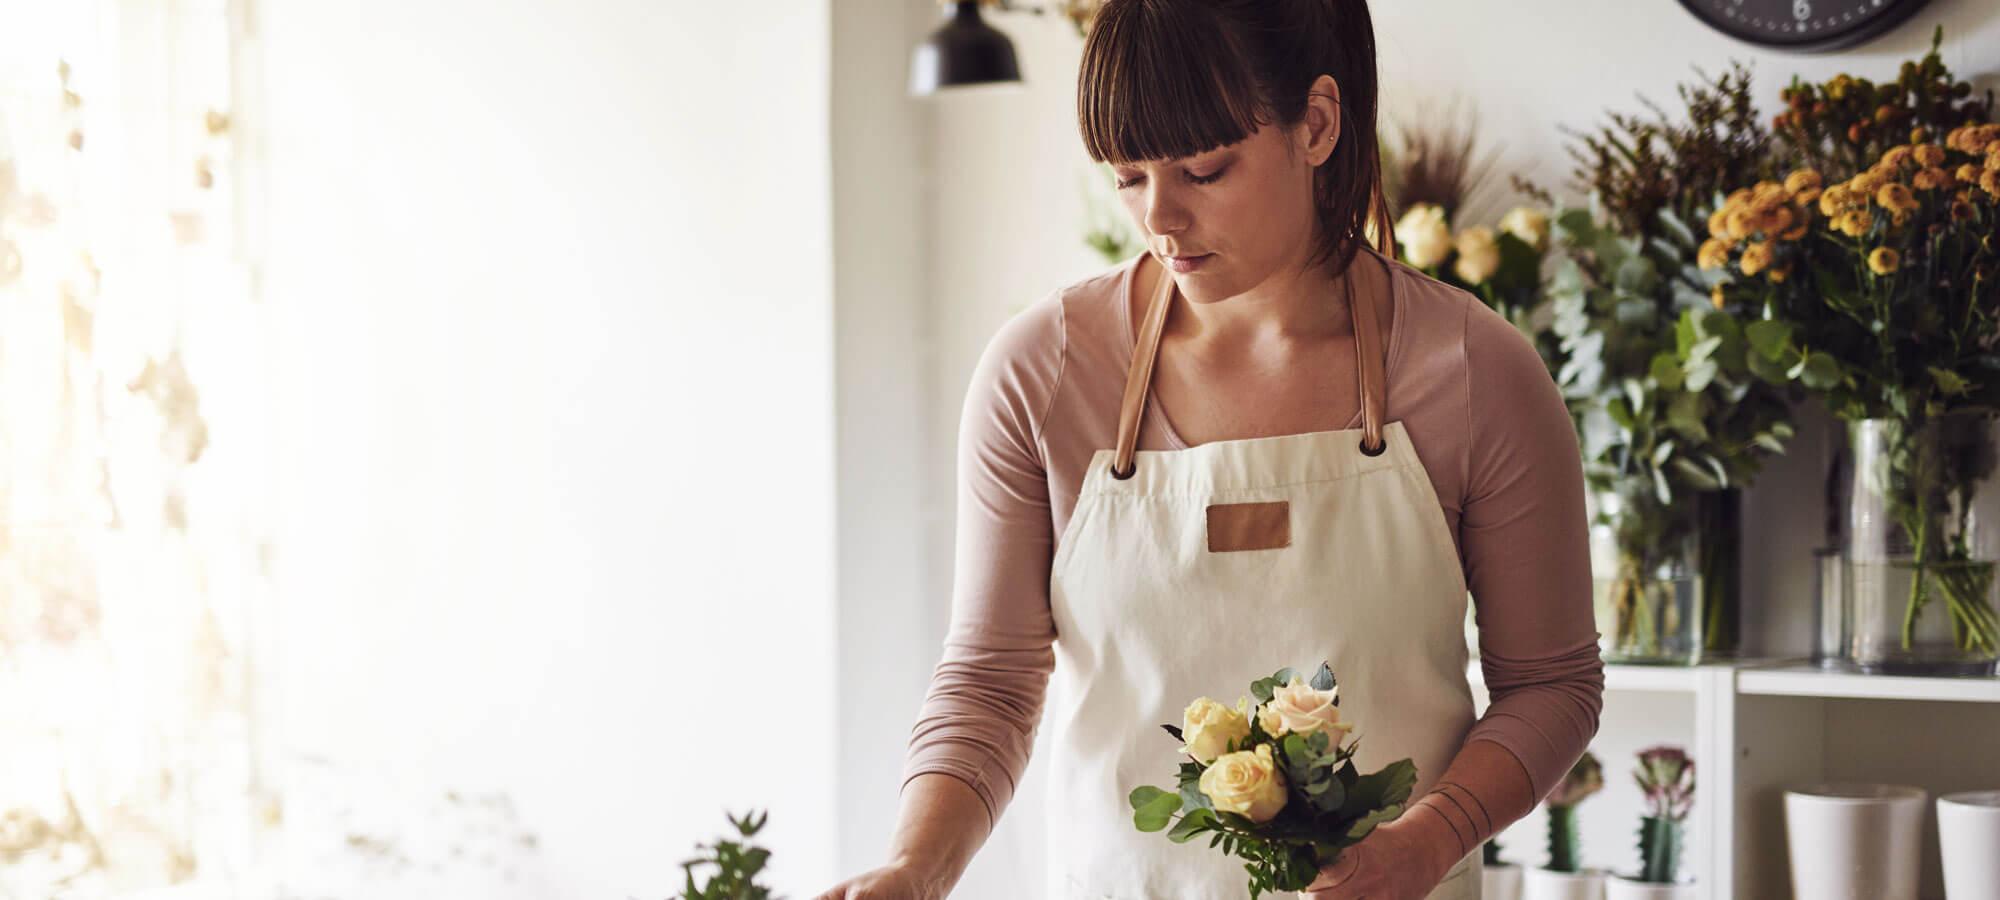 Kvinne som legger opp blomster